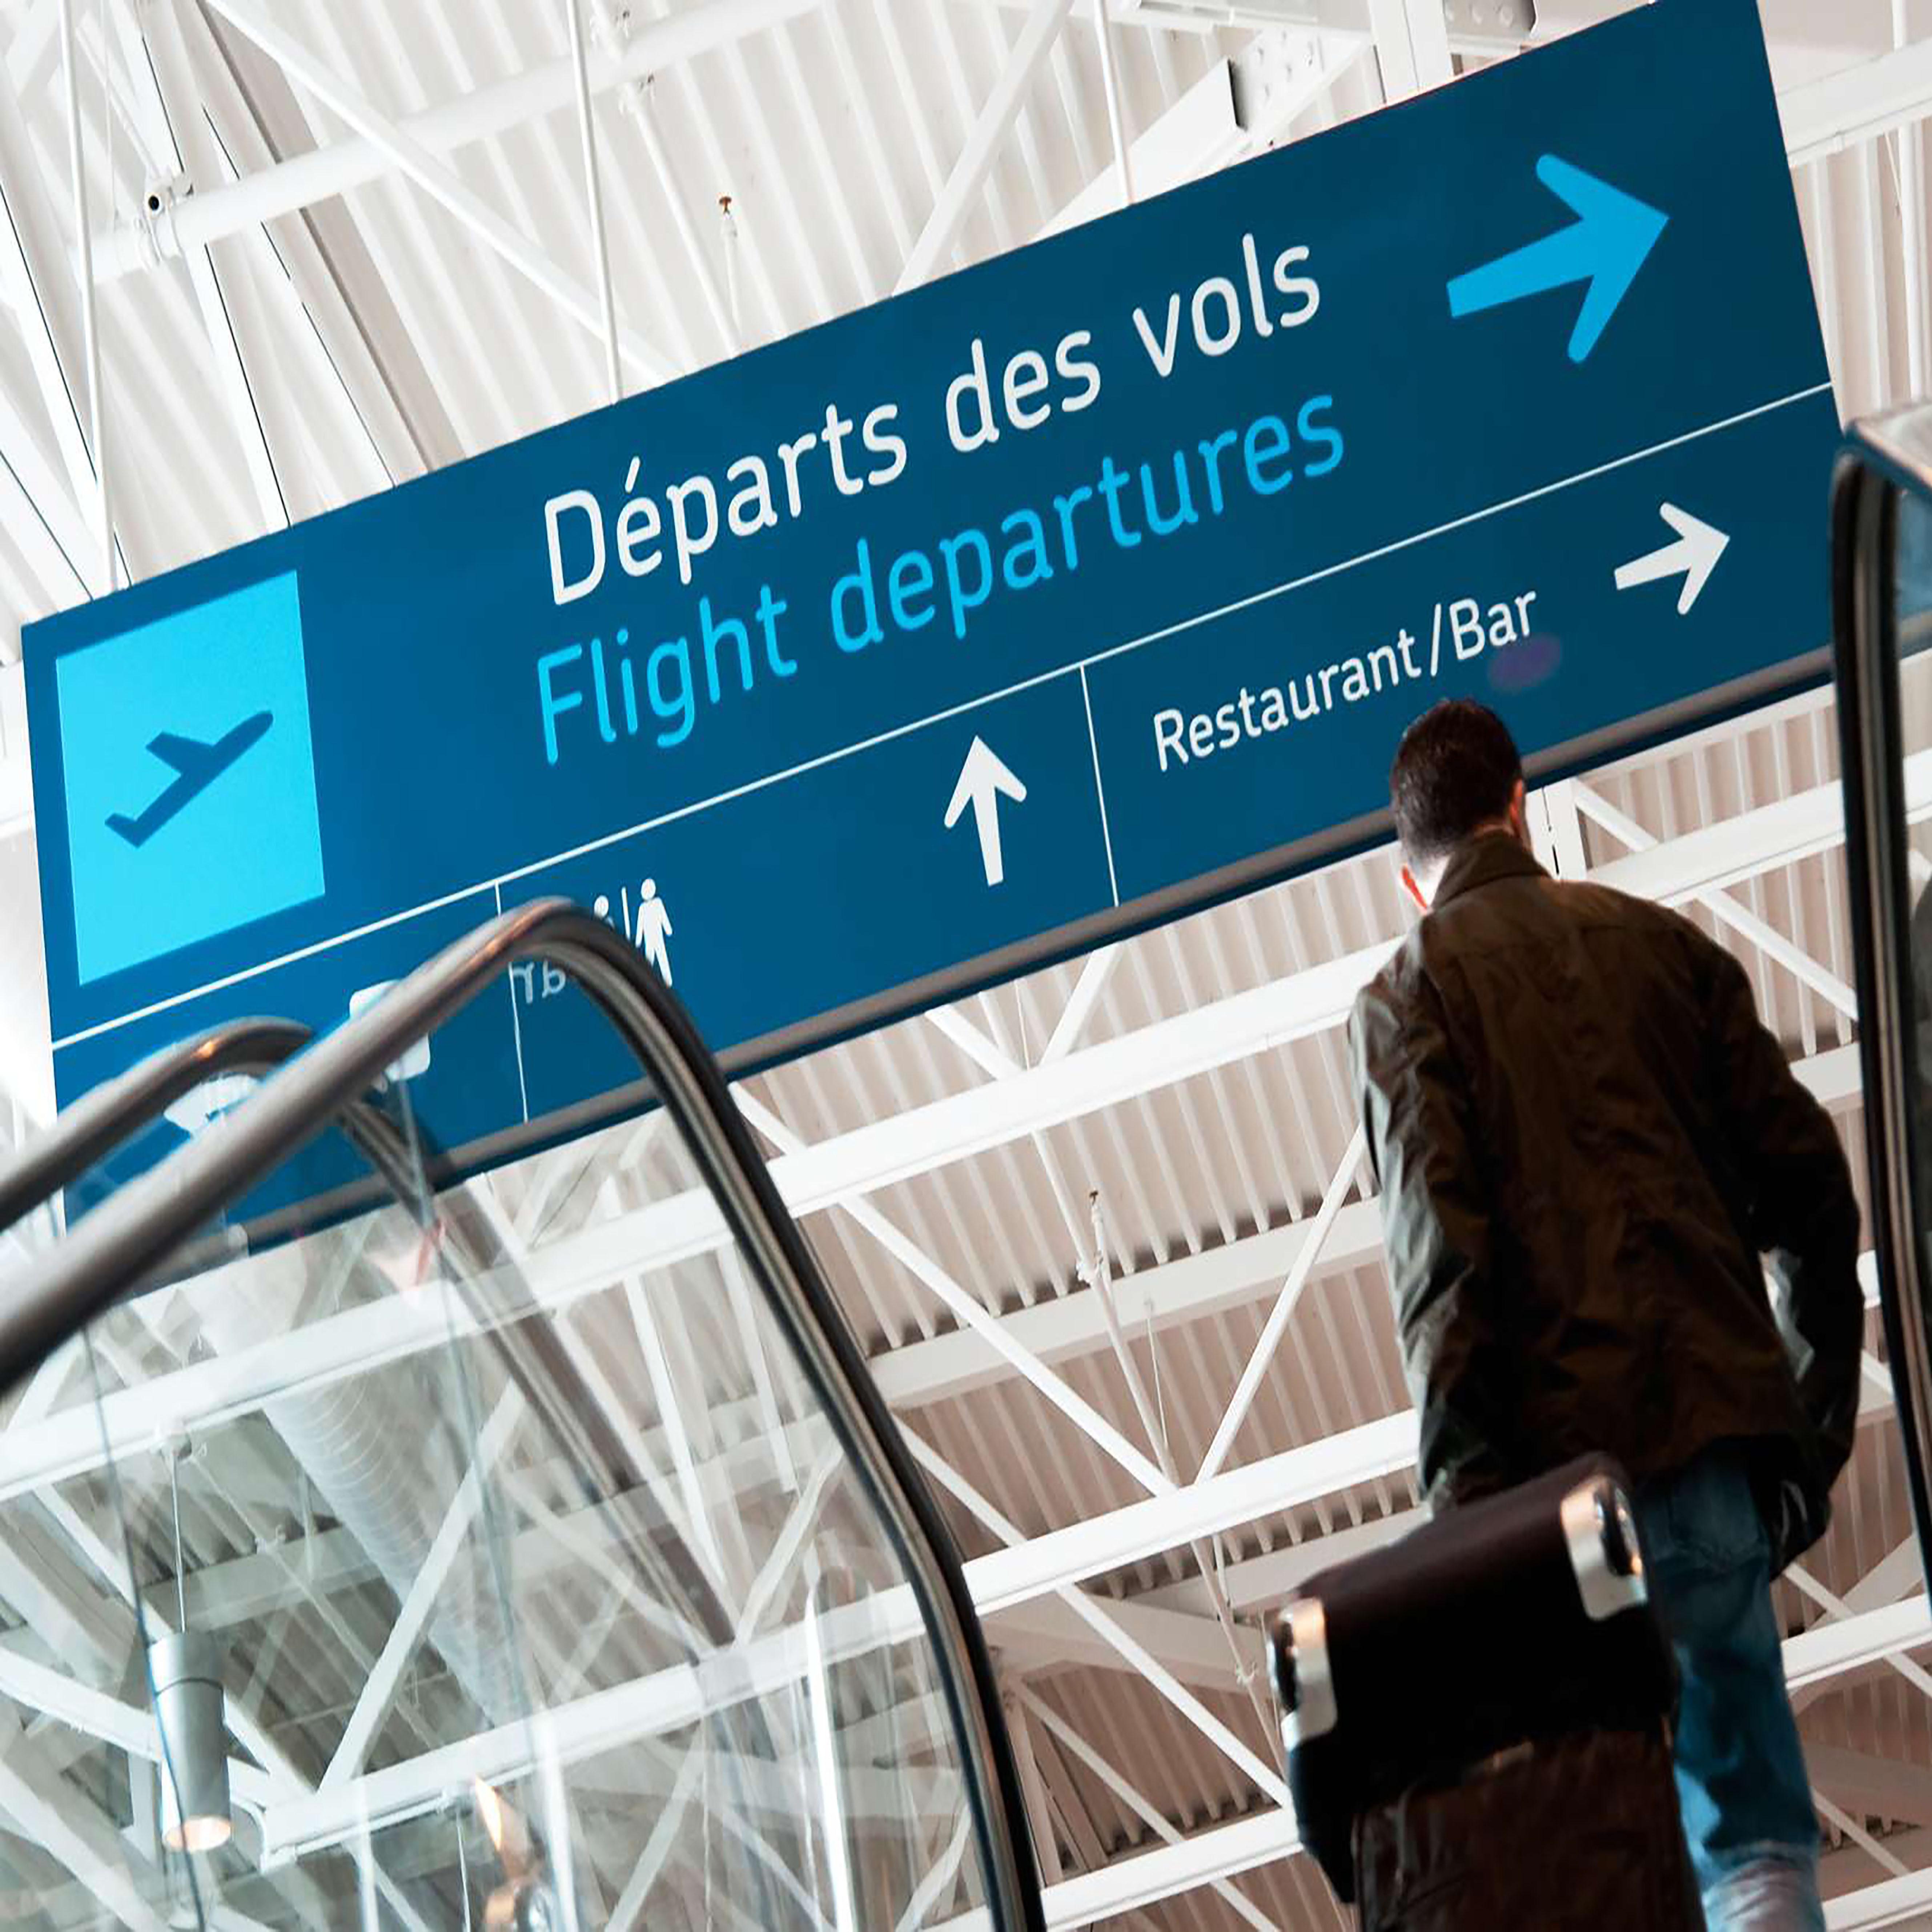 魅力ある都市としての空港への進化